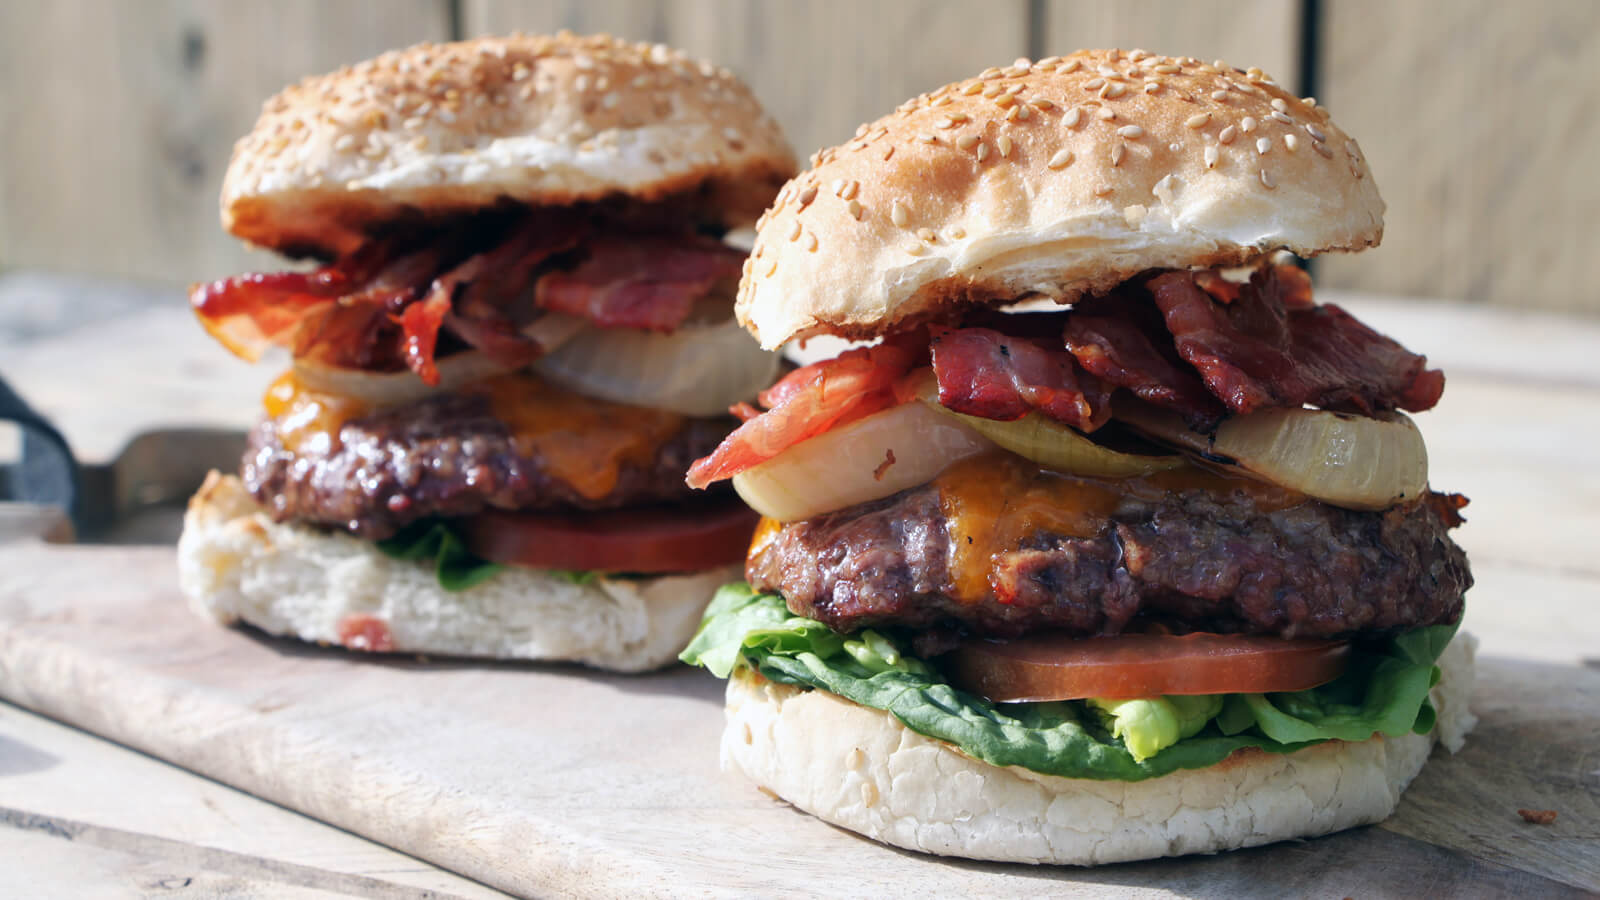 Gewoon een goede burger, zonder al te veel poespas, maken? Ga voor deze Classic Bacon & Cheese Burgers!